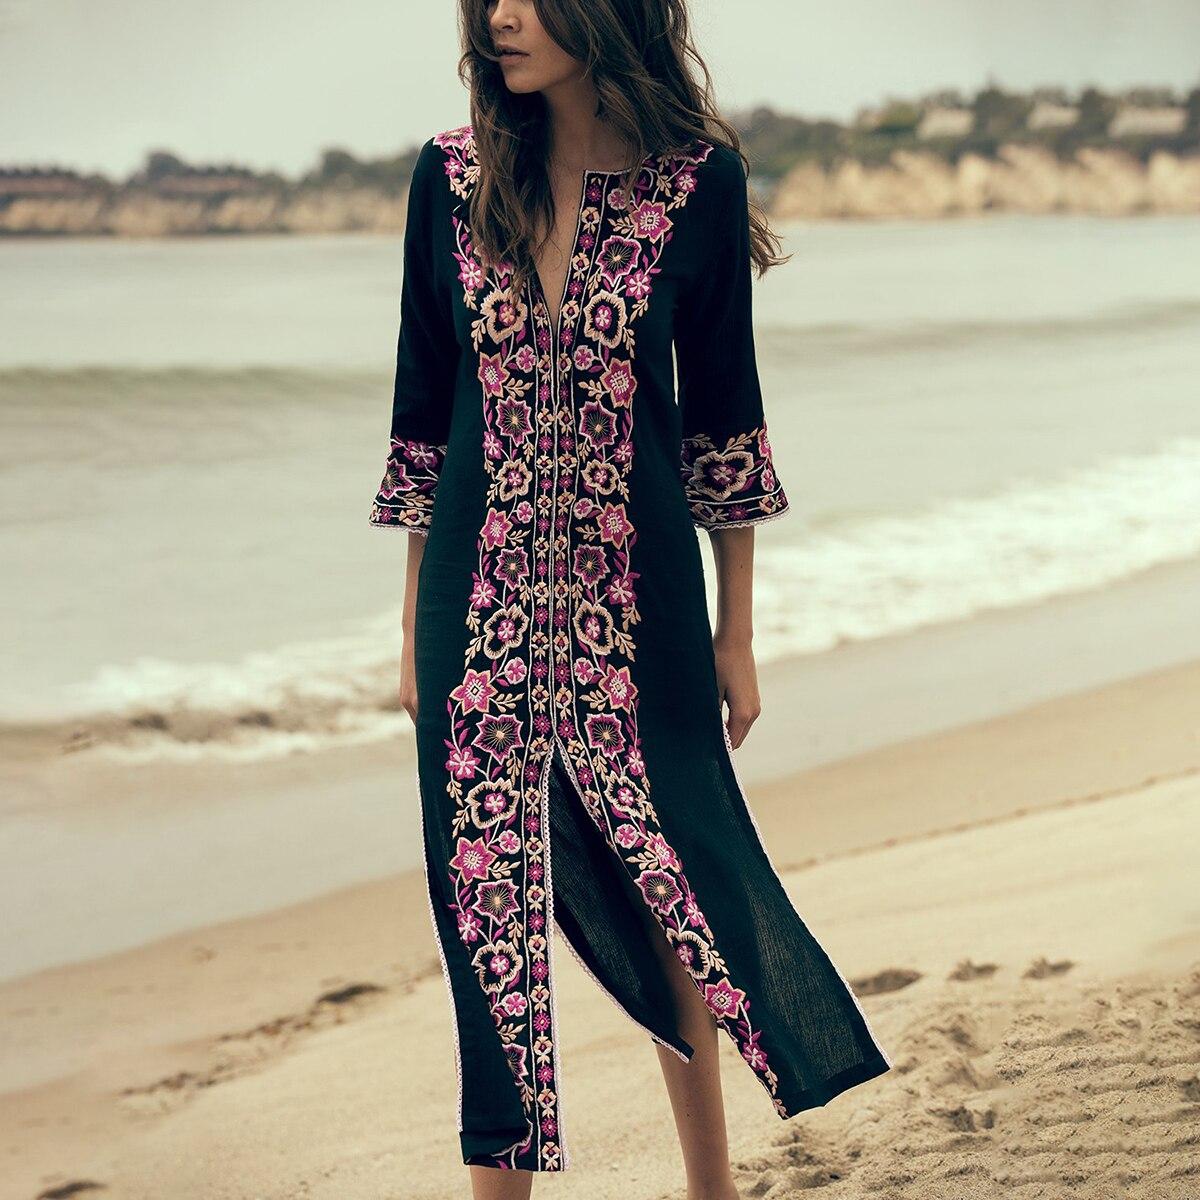 Jastie Floral brodé robe Midi tunique classique caftan femmes robes Sexy fentes latérales été plage robe Boho Chic robes